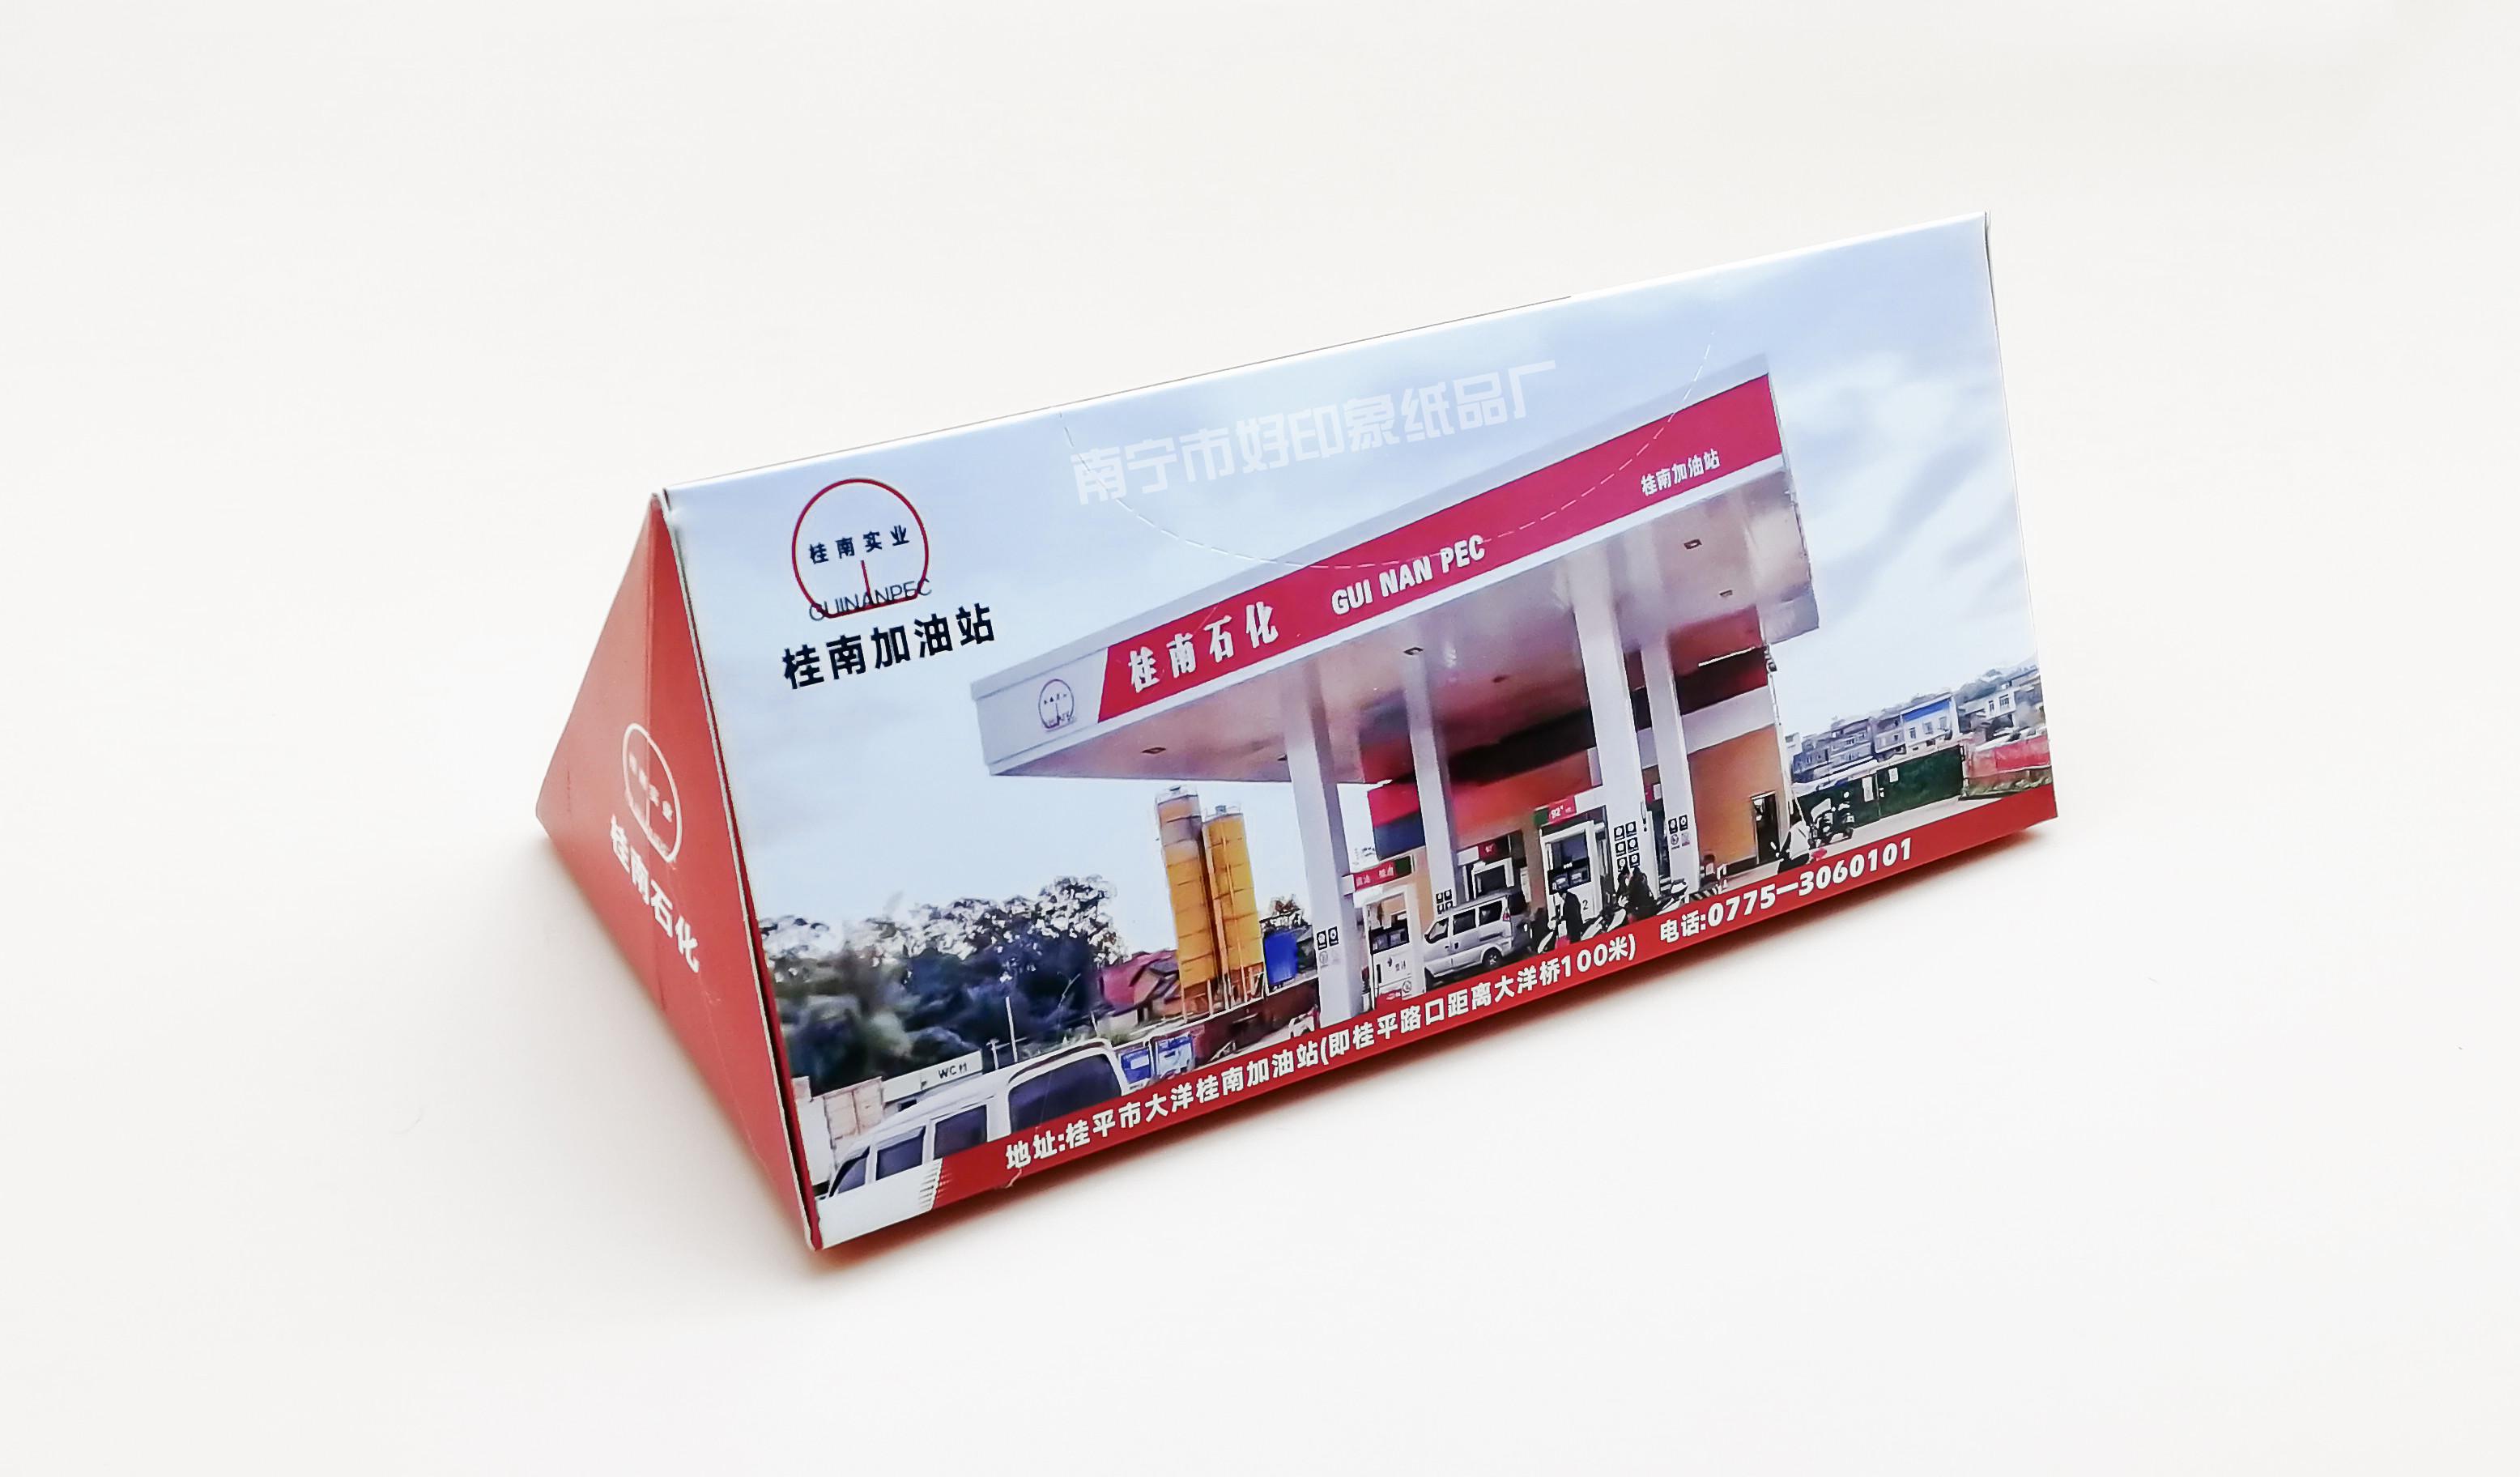 桂南加油站三角形盒装抽纸